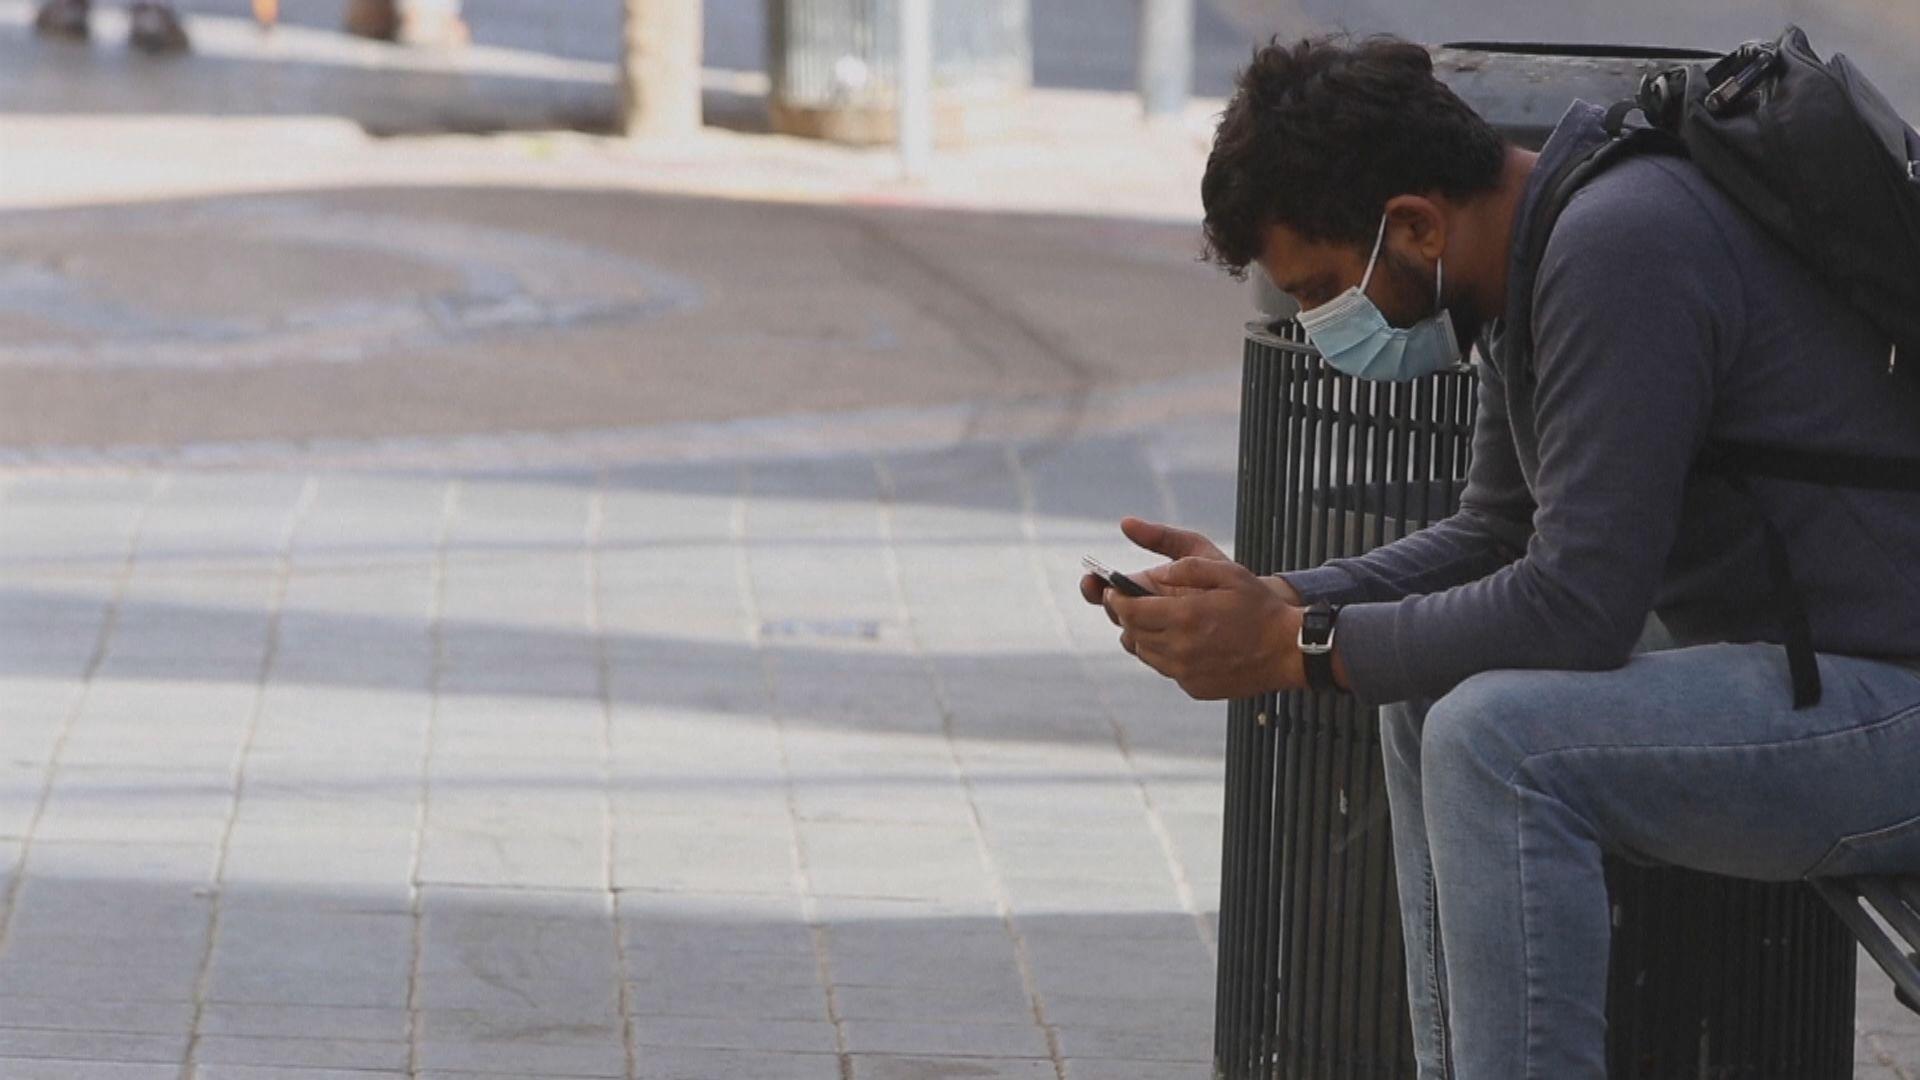 【環球薈報】蘋果研究用手機及早偵測用戶抑鬱及認知力下降